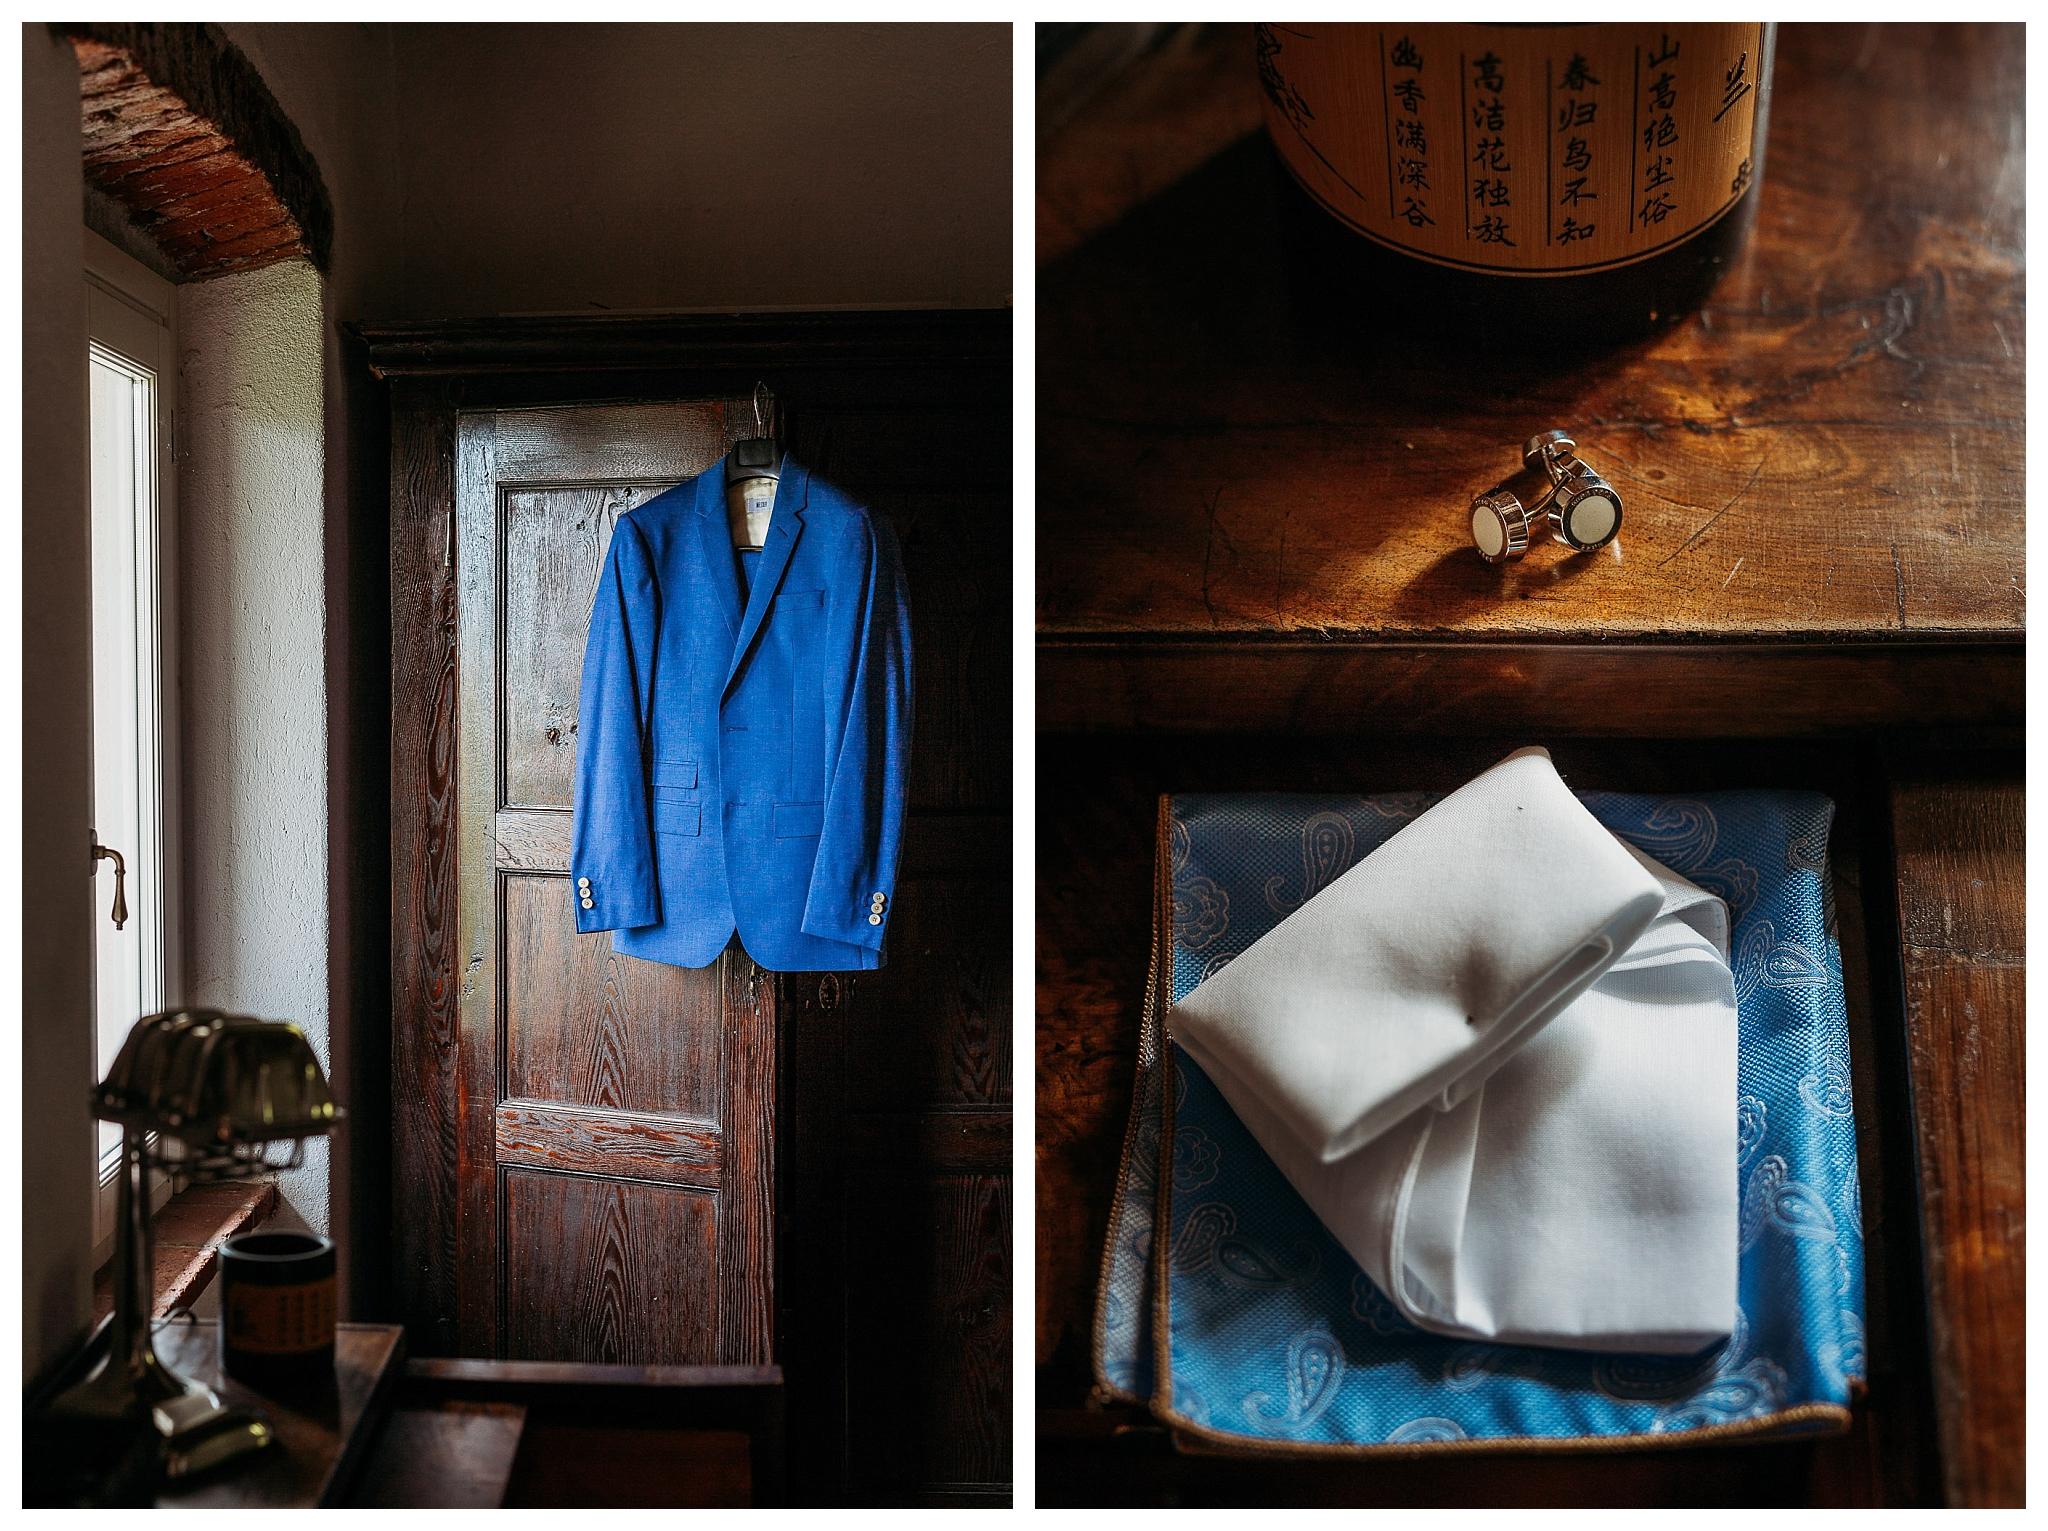 Groom attires in blue